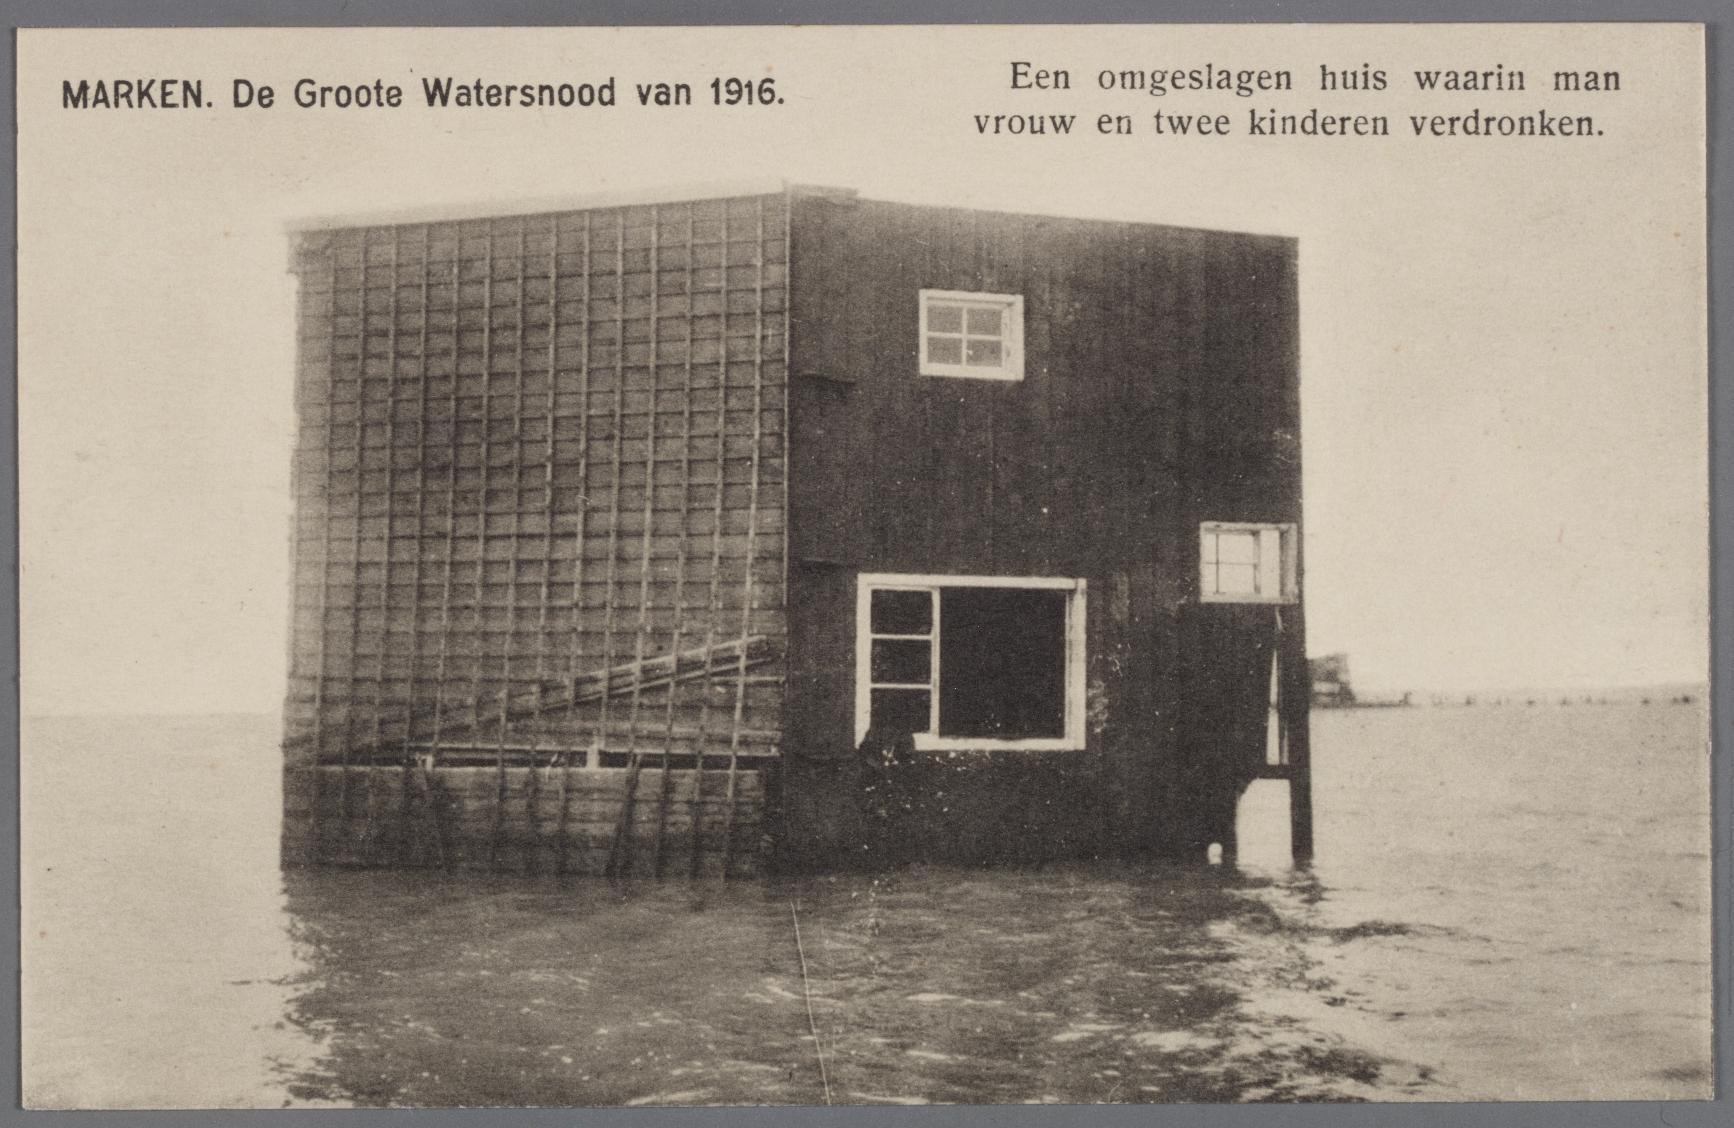 MARKEN. De Groote Watersnood van 1916. Collectie Zuiderzeemuseum (100 jaar droge voeten)